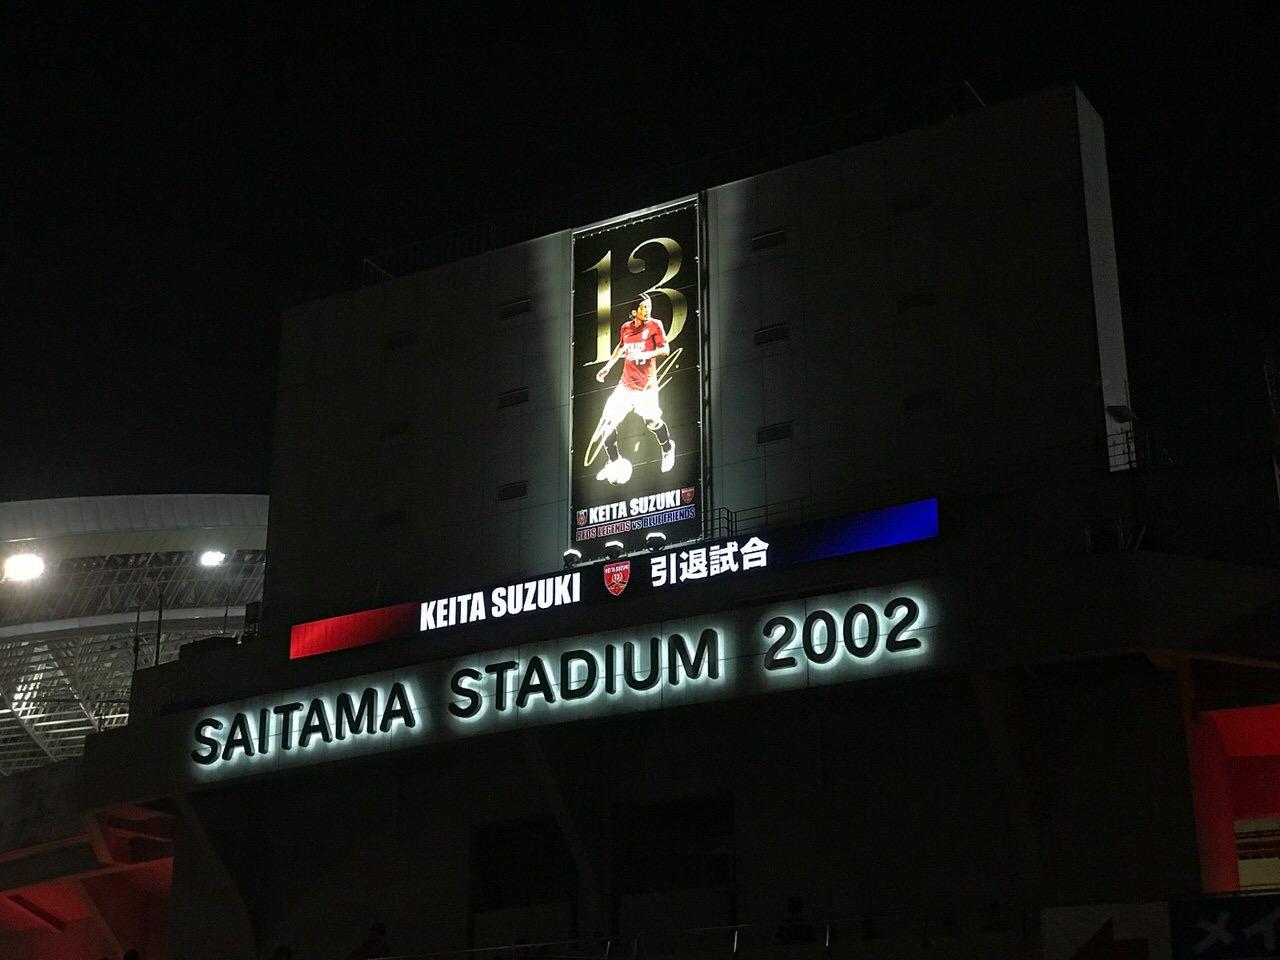 「浦和の男」鈴木啓太の引退試合を写真と動画で振り返る